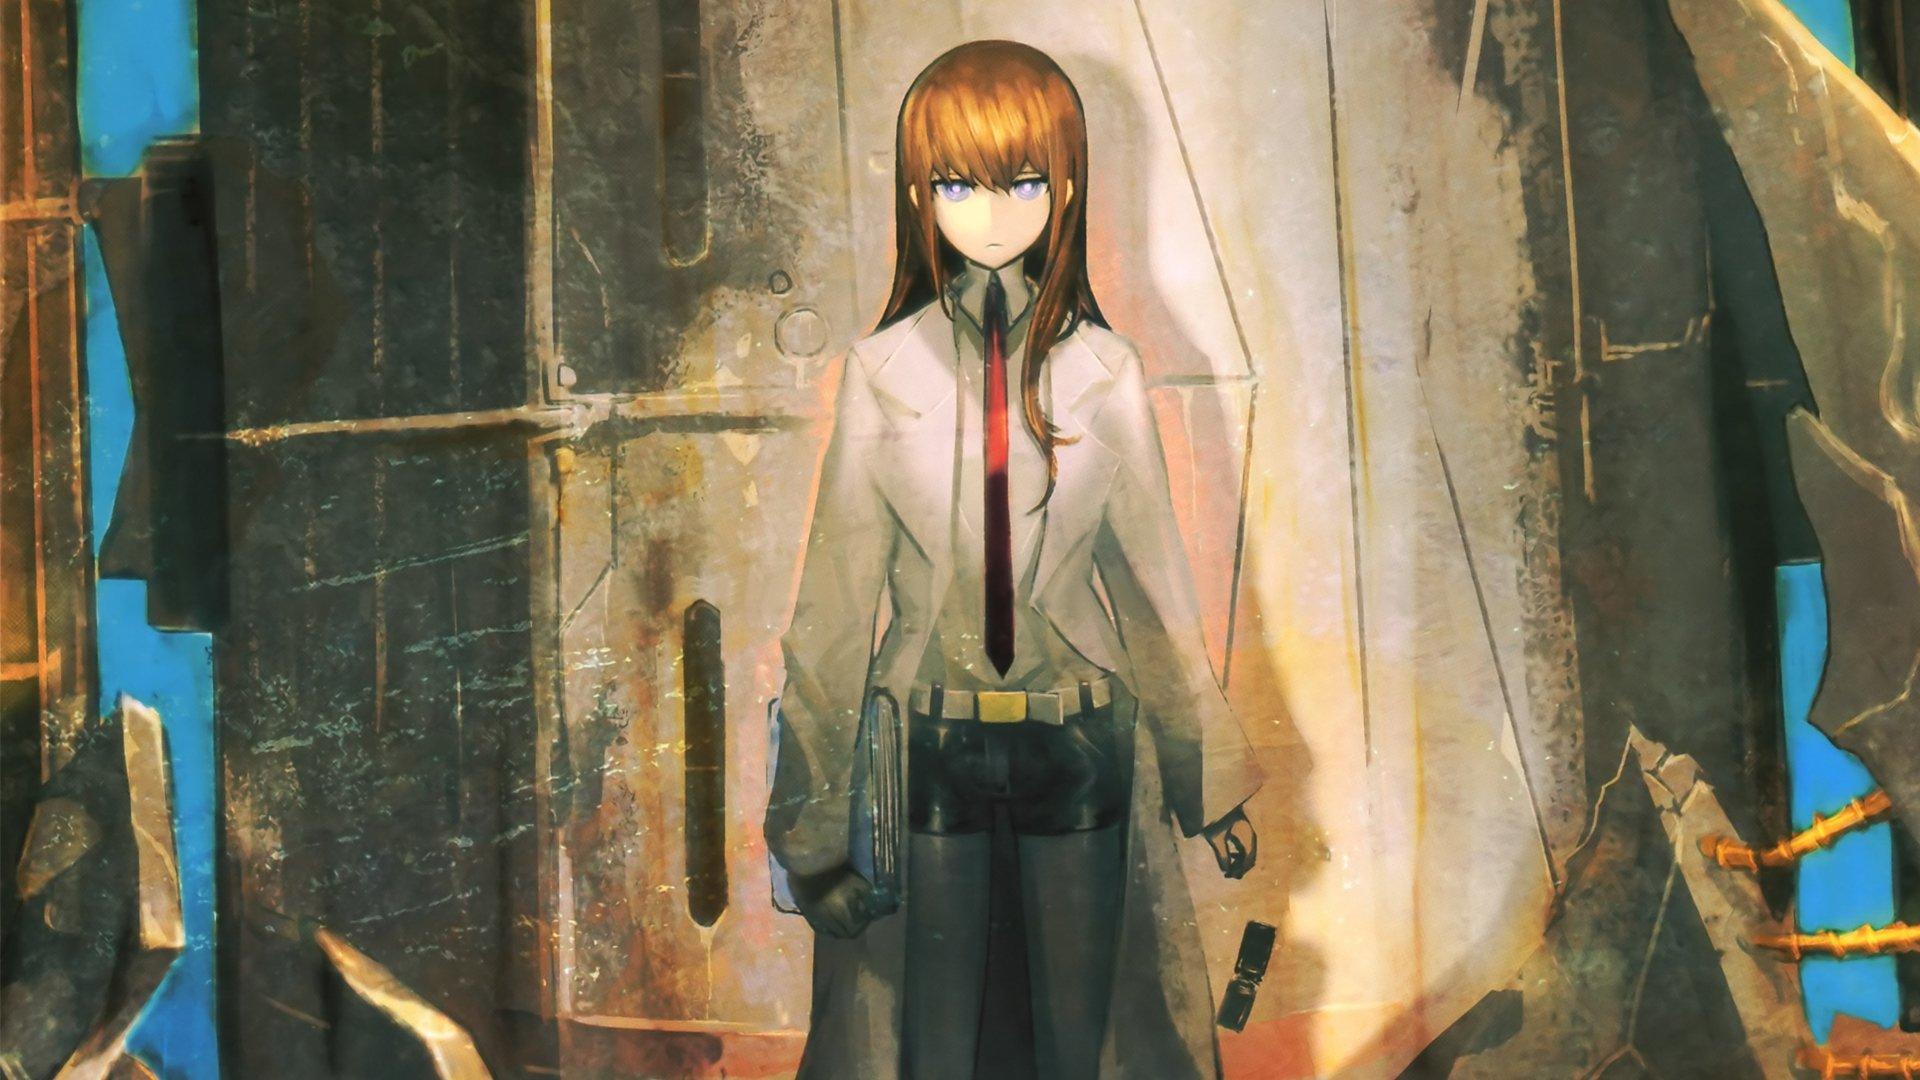 Makise Kurisu Full HD Wallpaper and Background Image ...